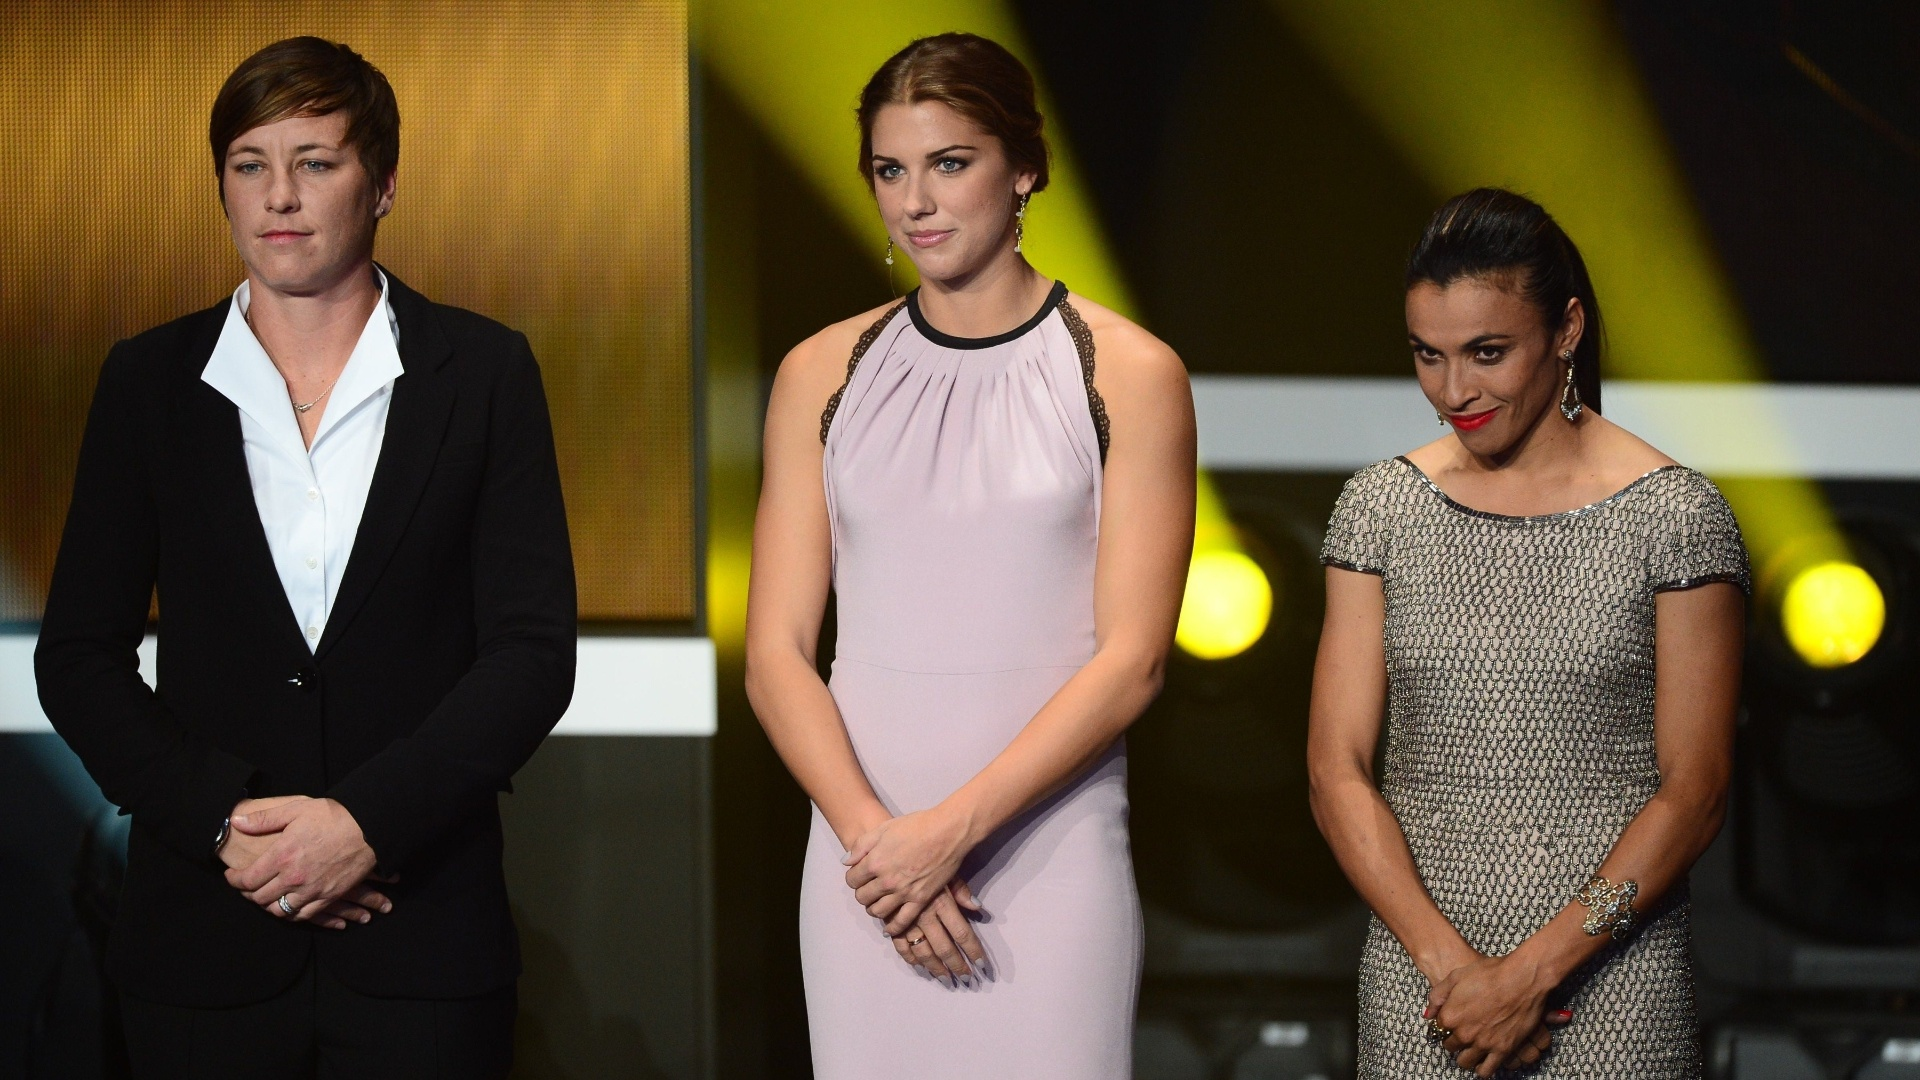 07.jan.2013- Candidatas a Bola de Ouro 2012, a brasileira Marta (d.) e as norte-americanas Alex Morgan (c.) e Abby Wambach (e.) são chamadas ao palco para homenagem em evento de premiação da Fifa